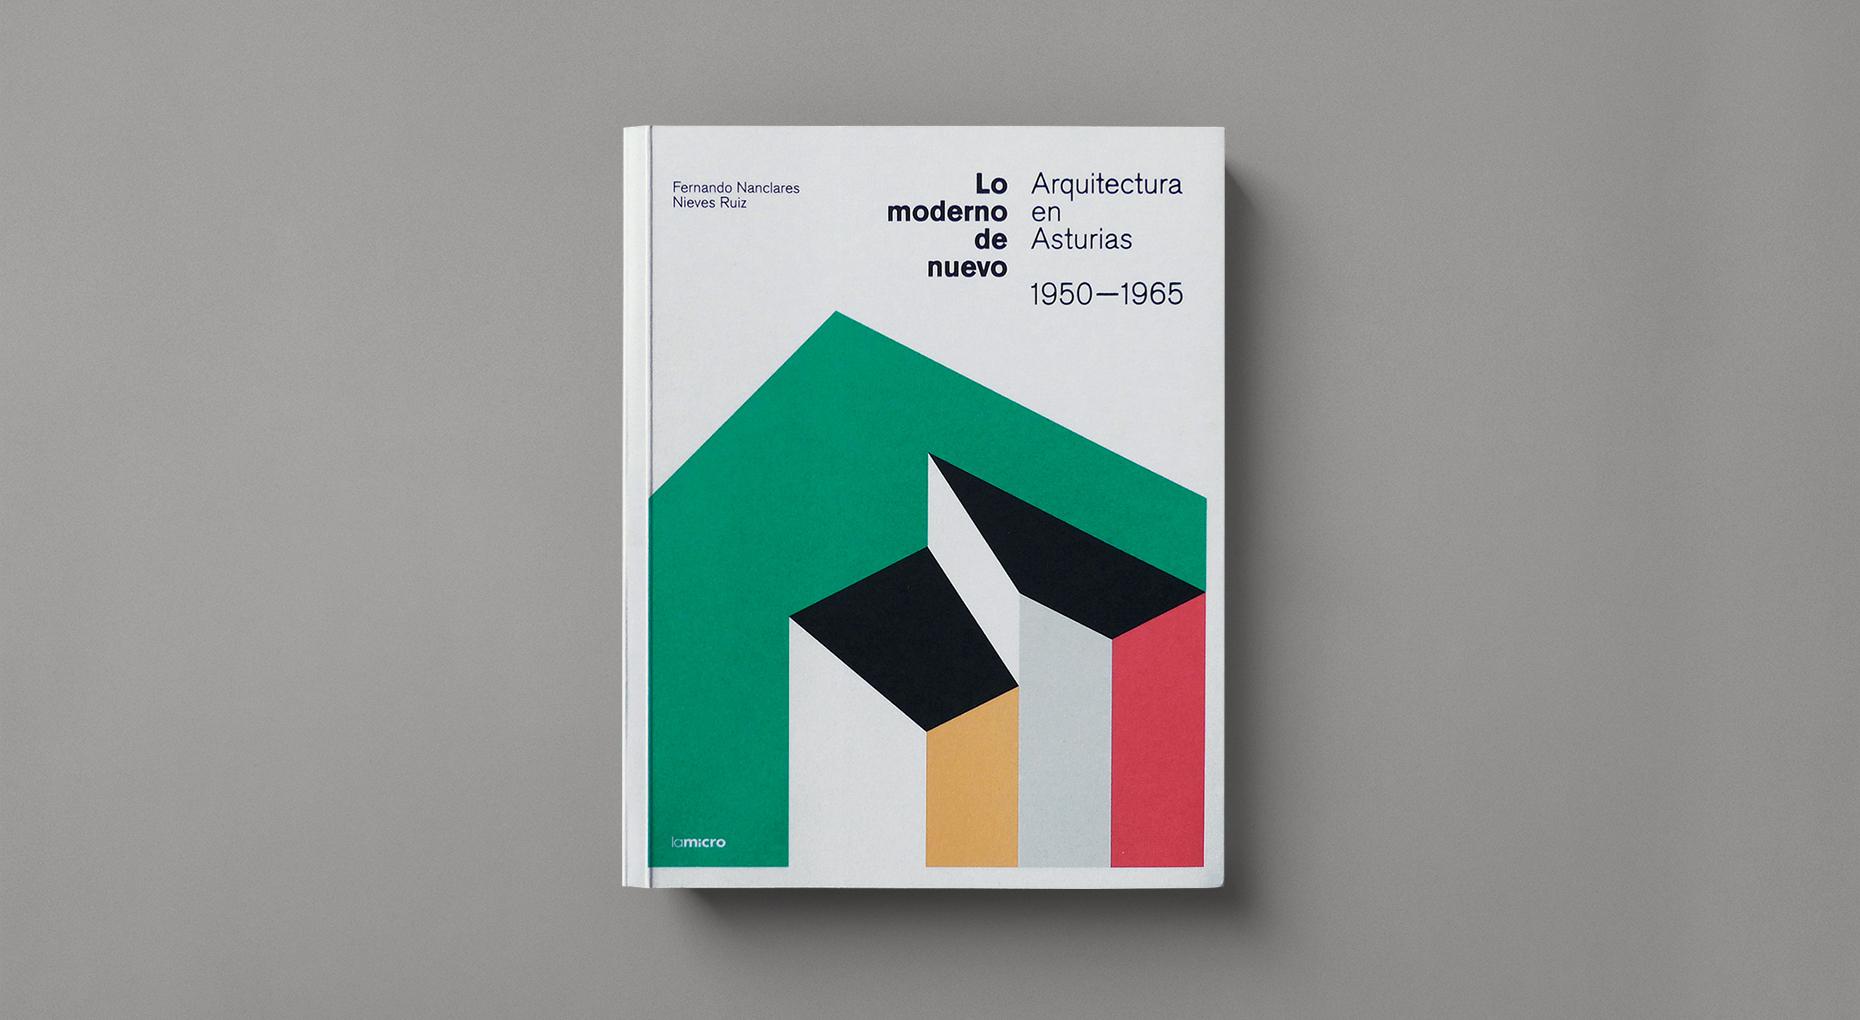 Lo moderno de nuevo. Arquitectura en Asturias 1950–1965. La micro, 2014